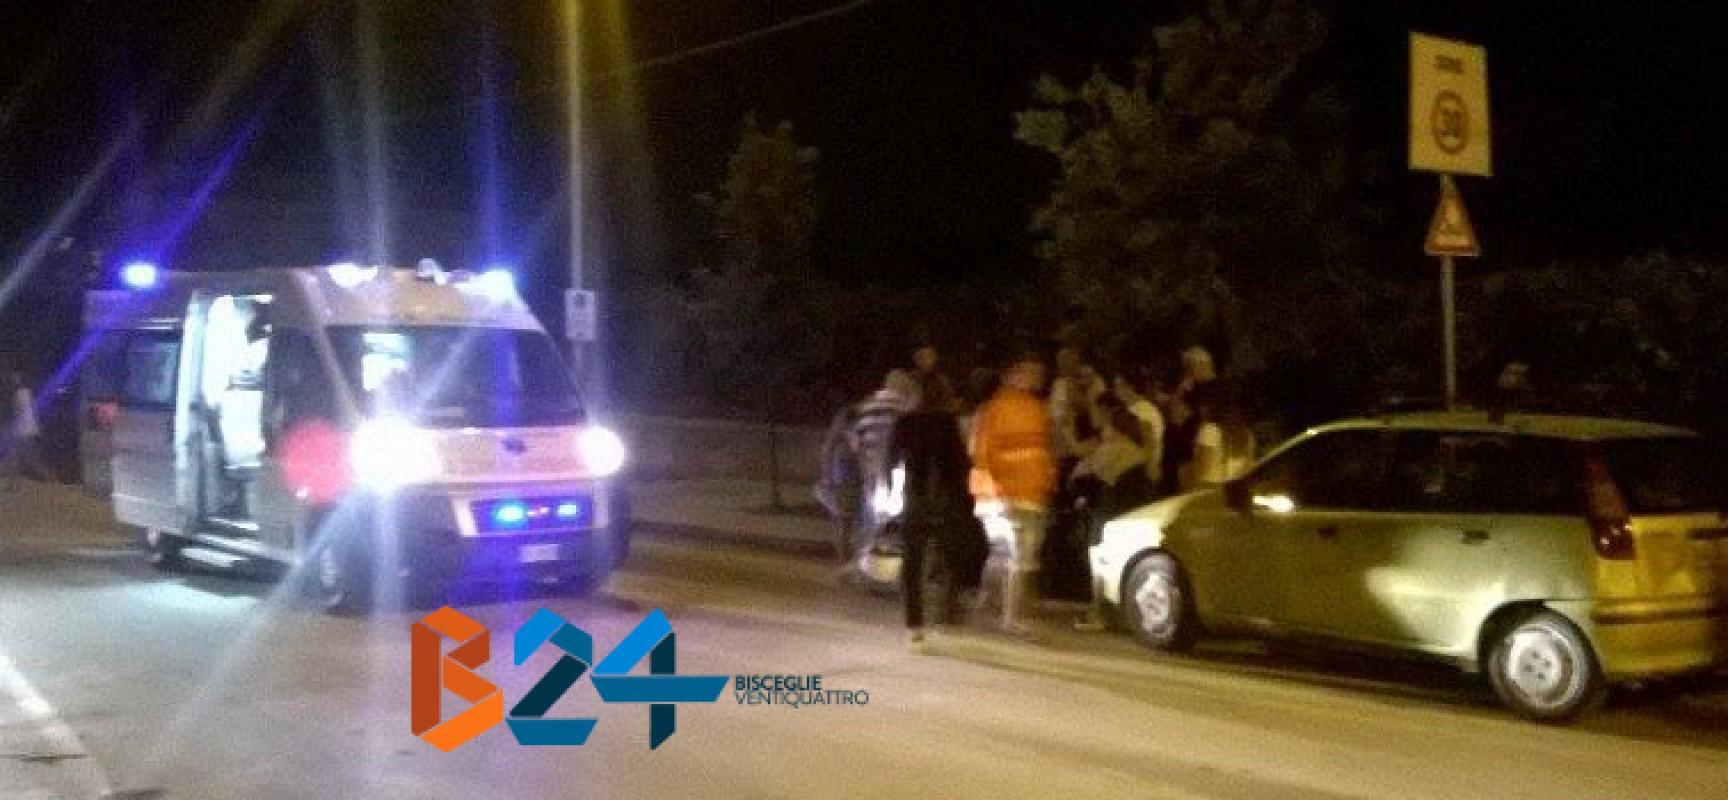 Via Fragata, giovane in Vespa cade e finisce al pronto soccorso: in quel tratto strada scivolosa per pioggia e lavori